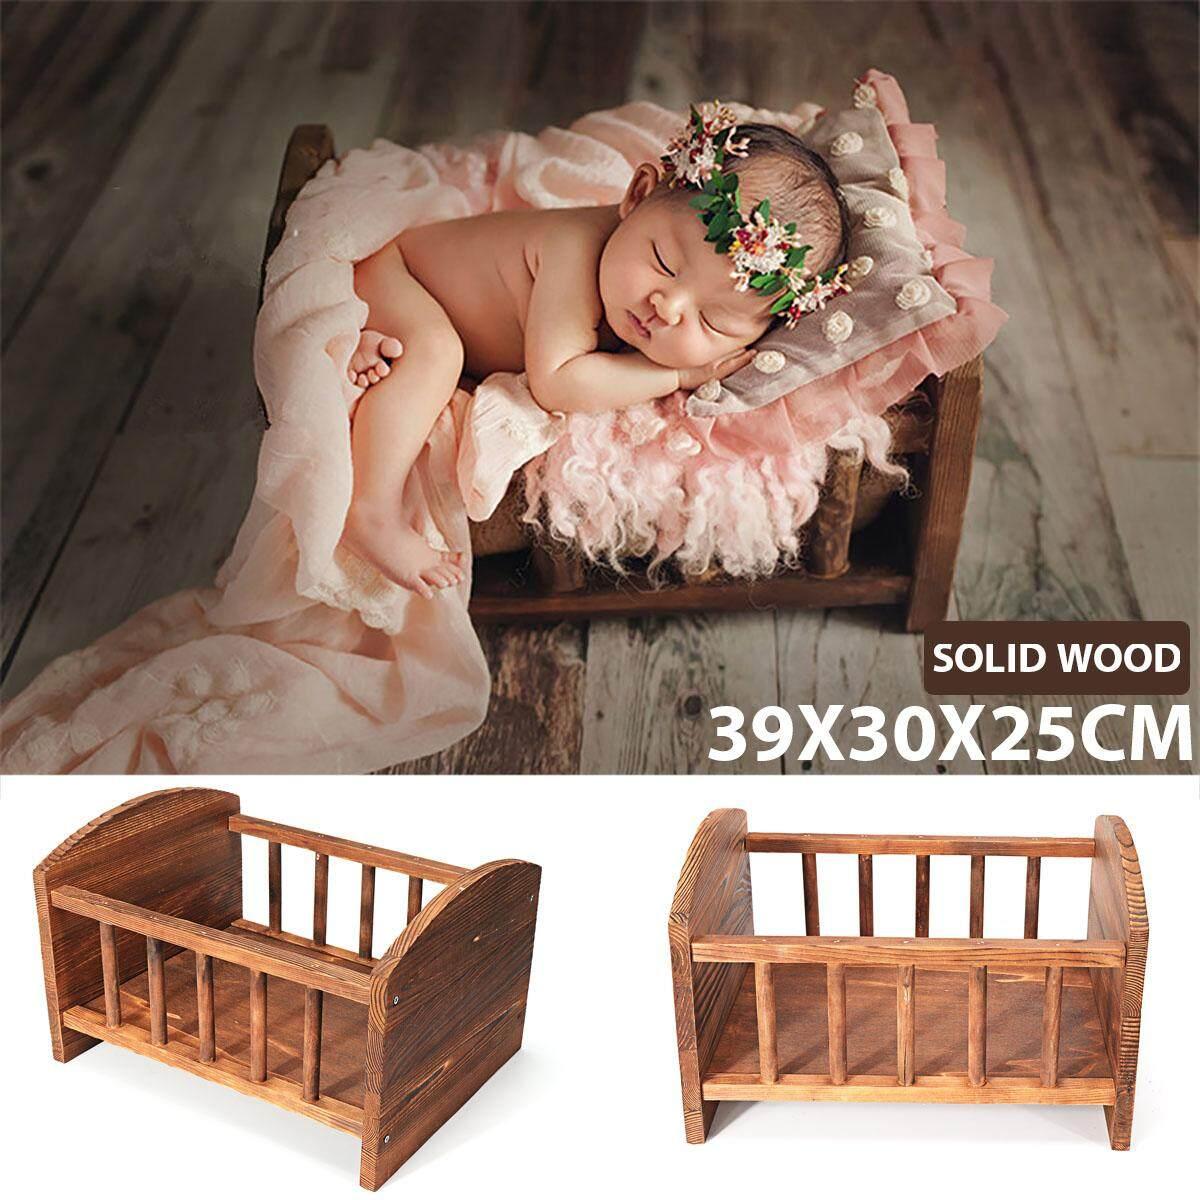 могут деревянная кроватка для фотосессии для вас